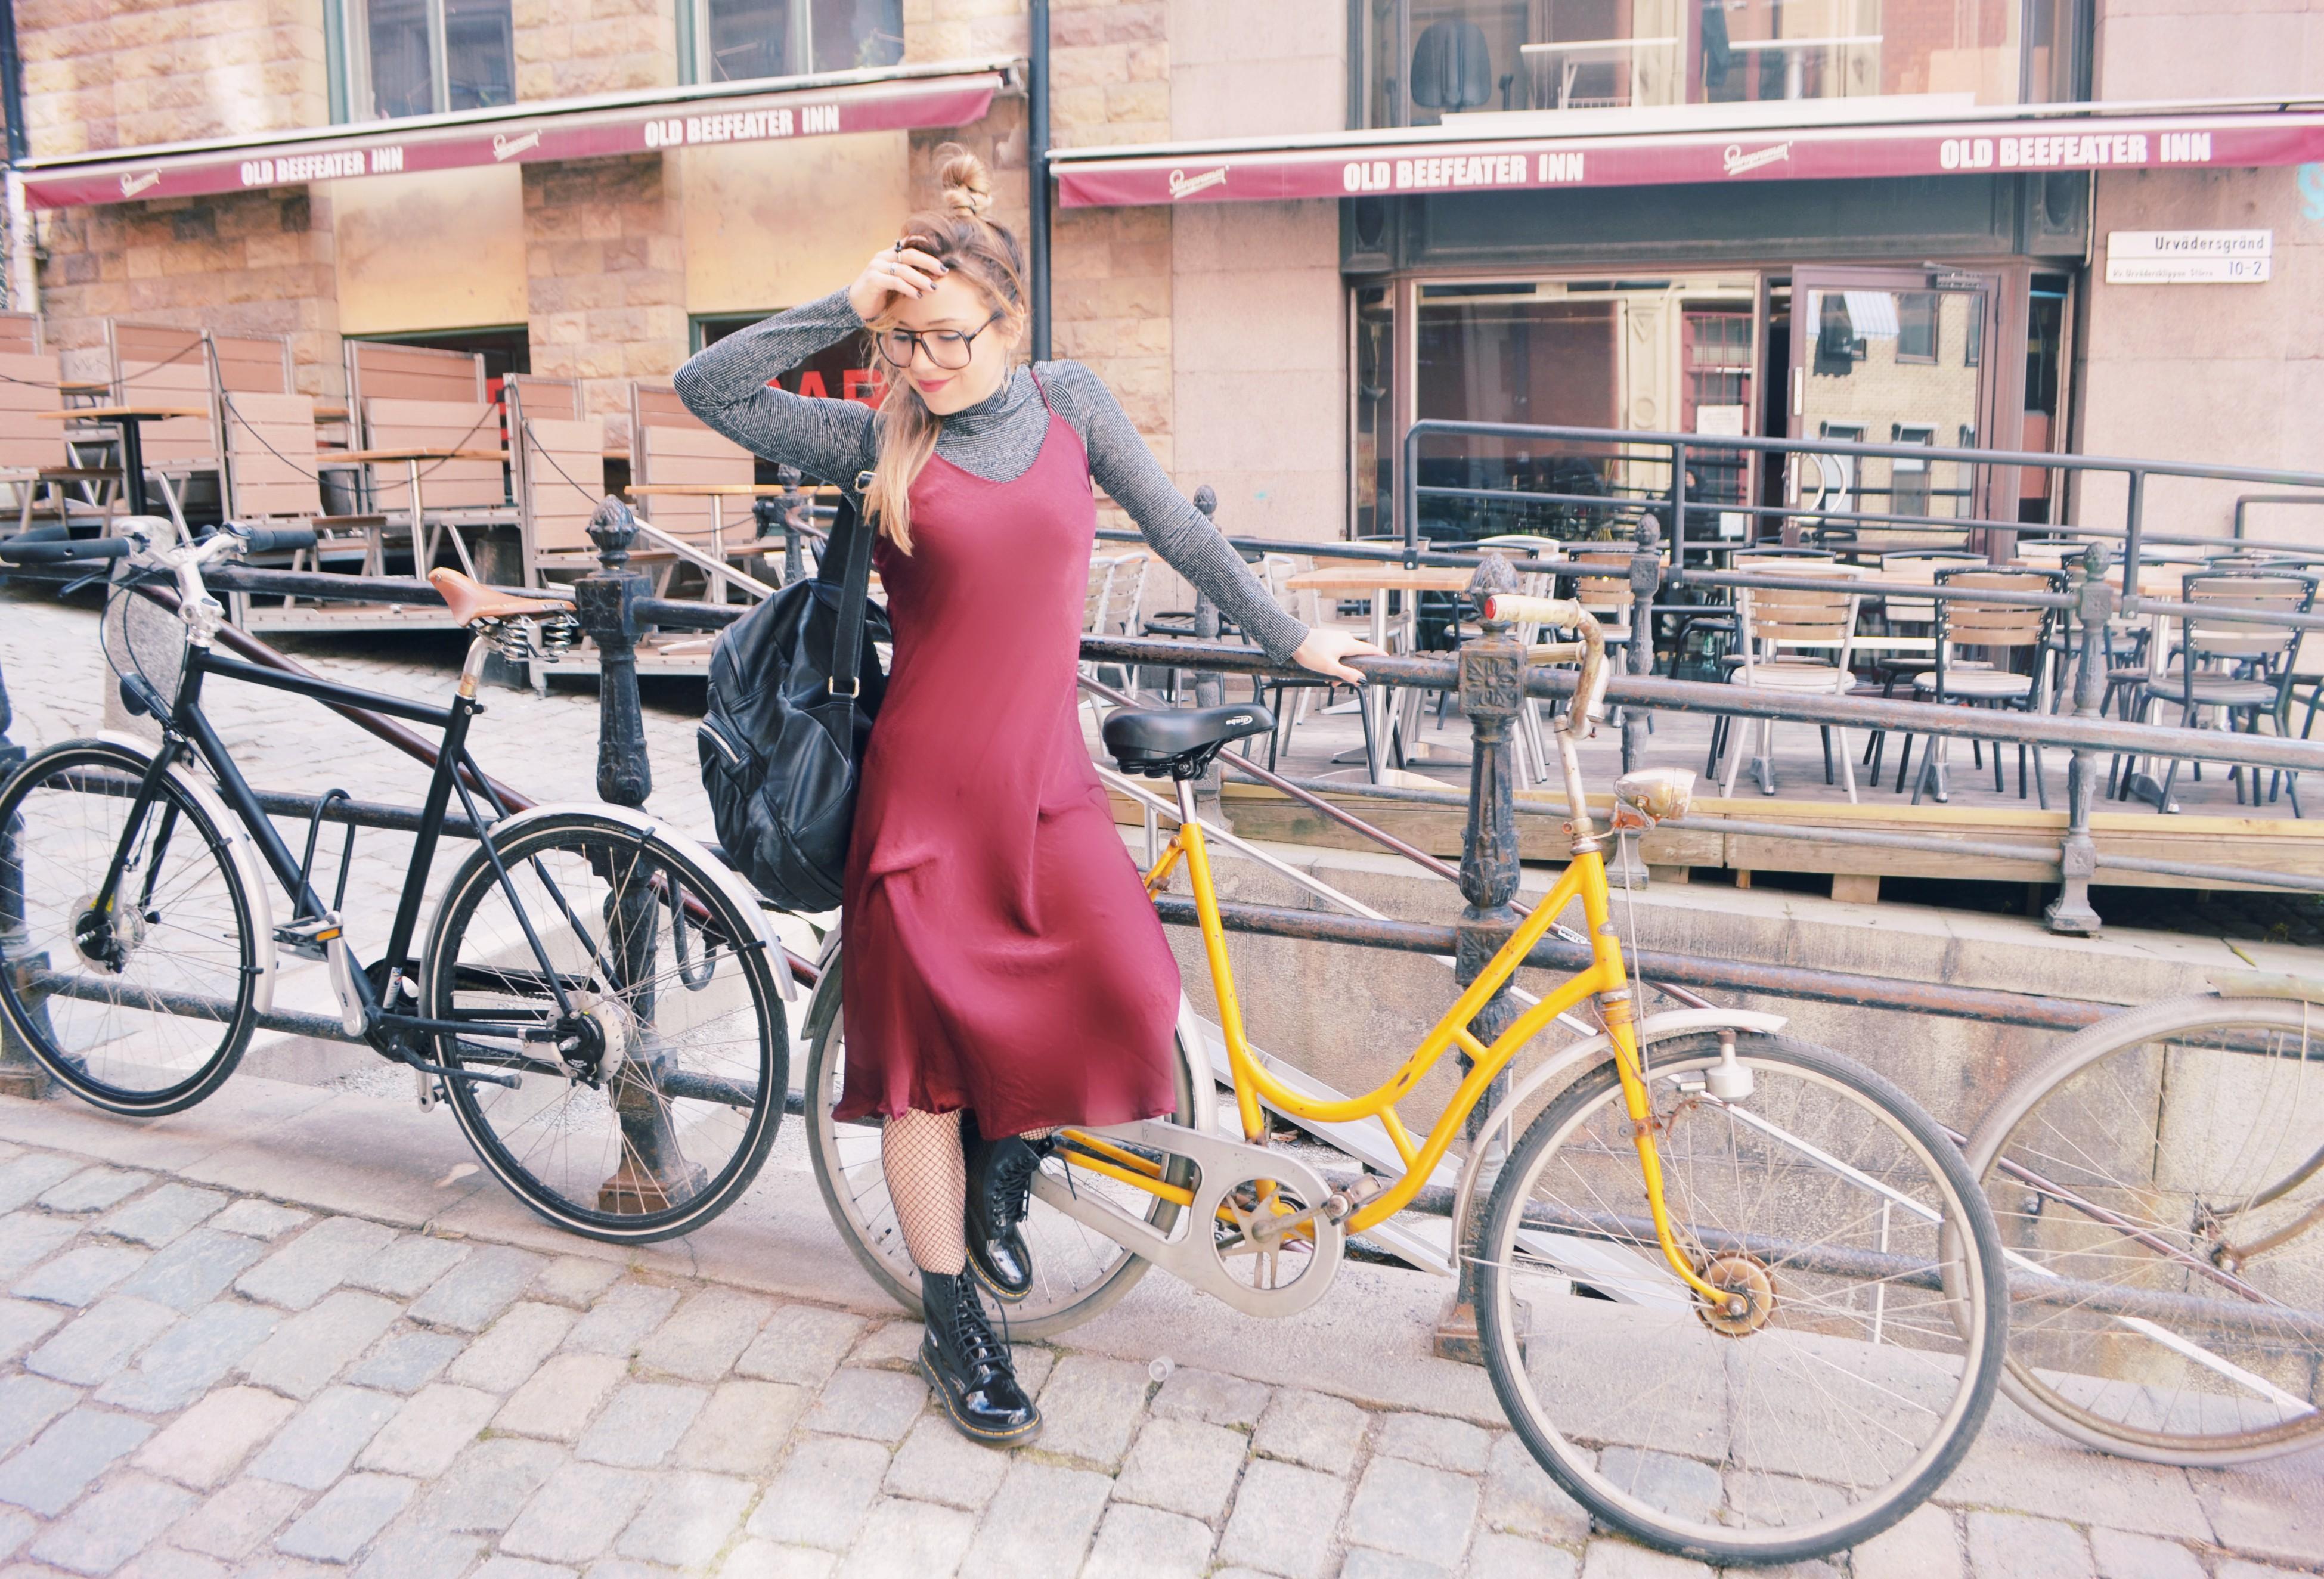 ChicAdicta-blog-de-moda-burgundy-look-drmartens-outfit-blog-de-viajes-influencer-Estocolmo-bici-retro-PiensaenChic-Chic-Adicta-Piensa-en-Chic